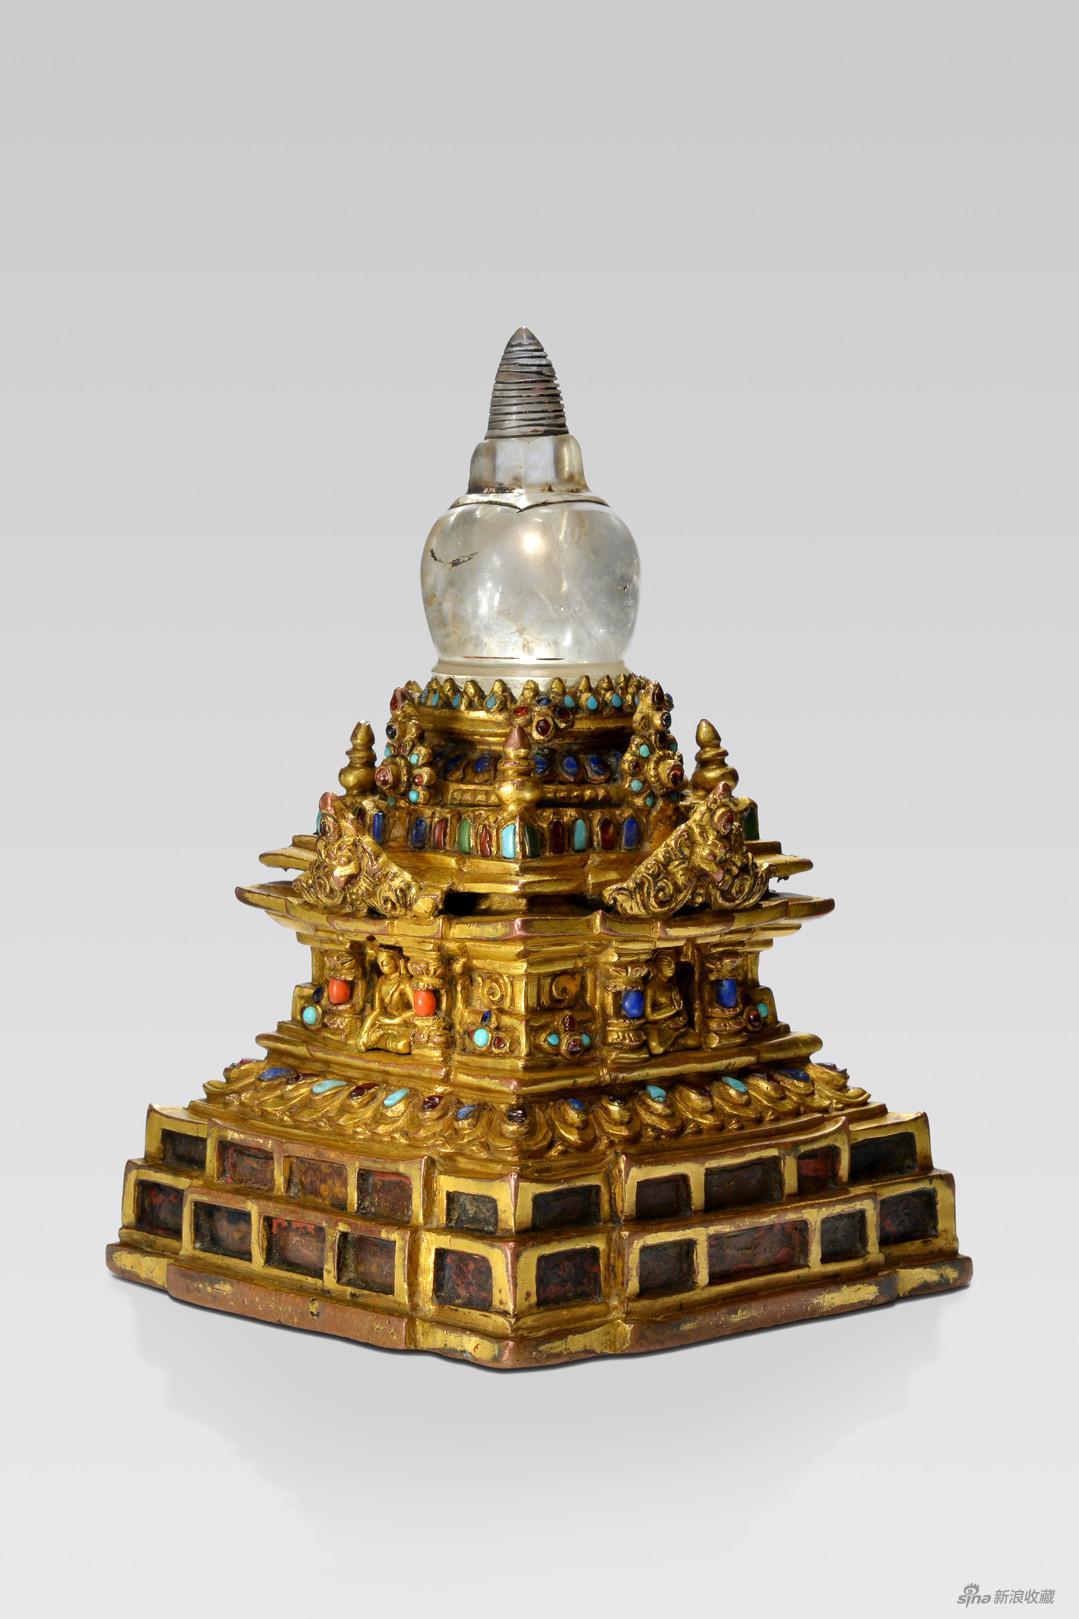 《嵌宝石舍利塔》,供器,来自魑魅魍魉甲子